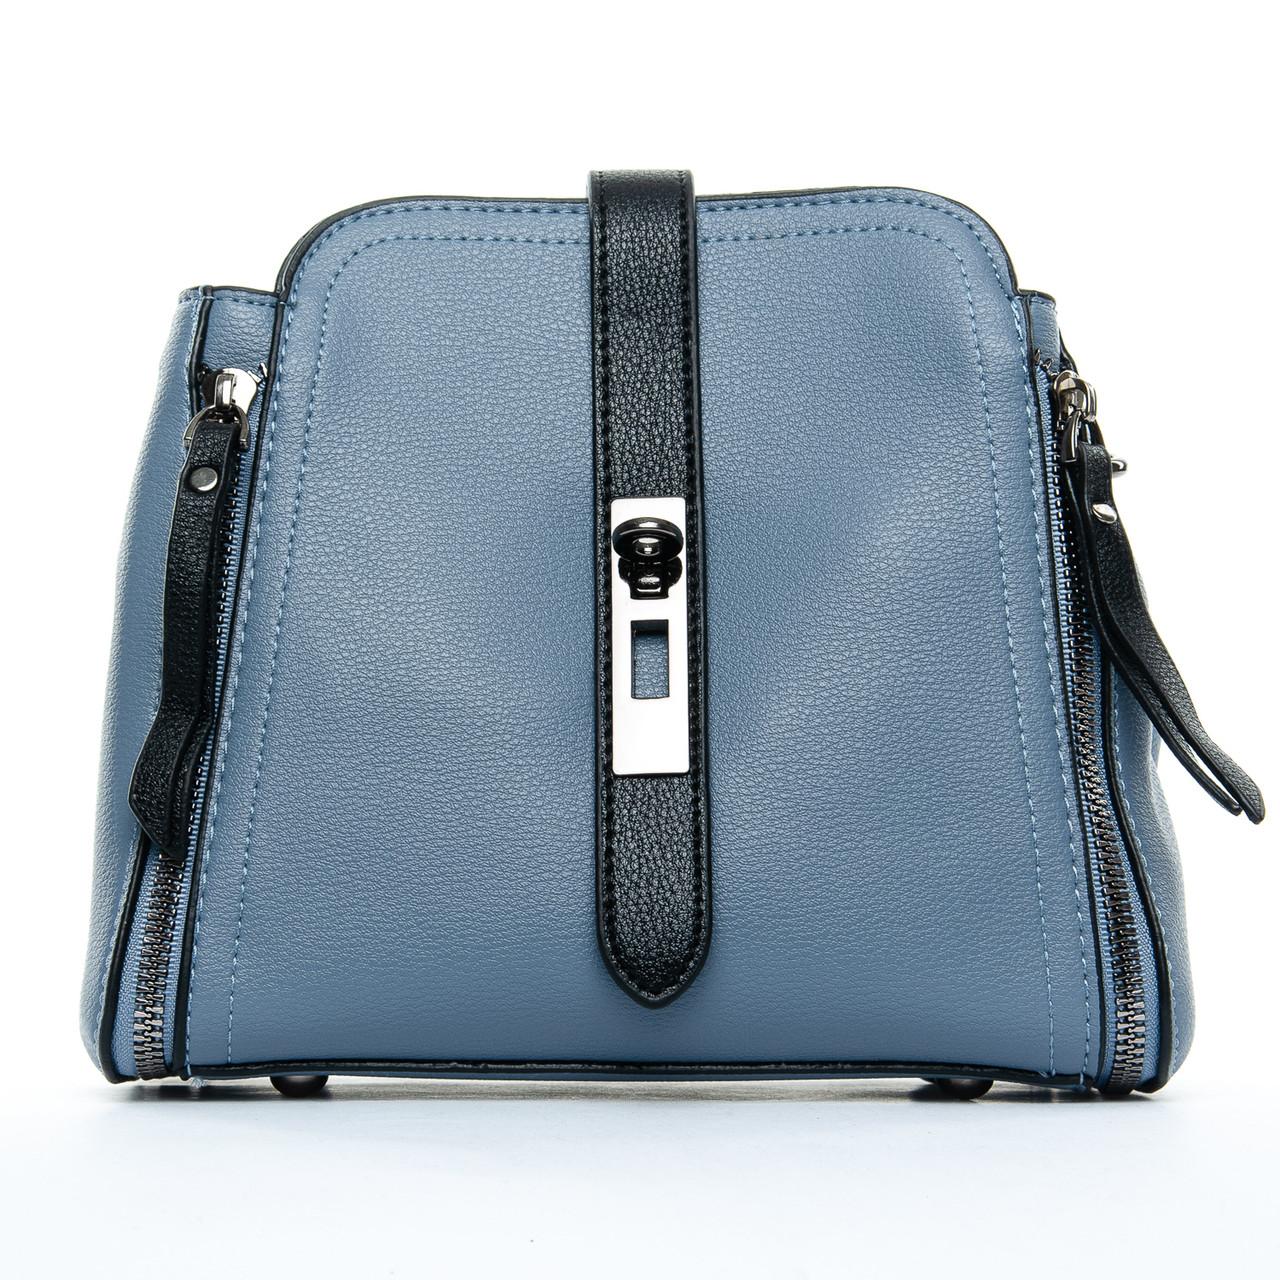 Сумка Женская Клатч иск-кожа 1-01 969 blue